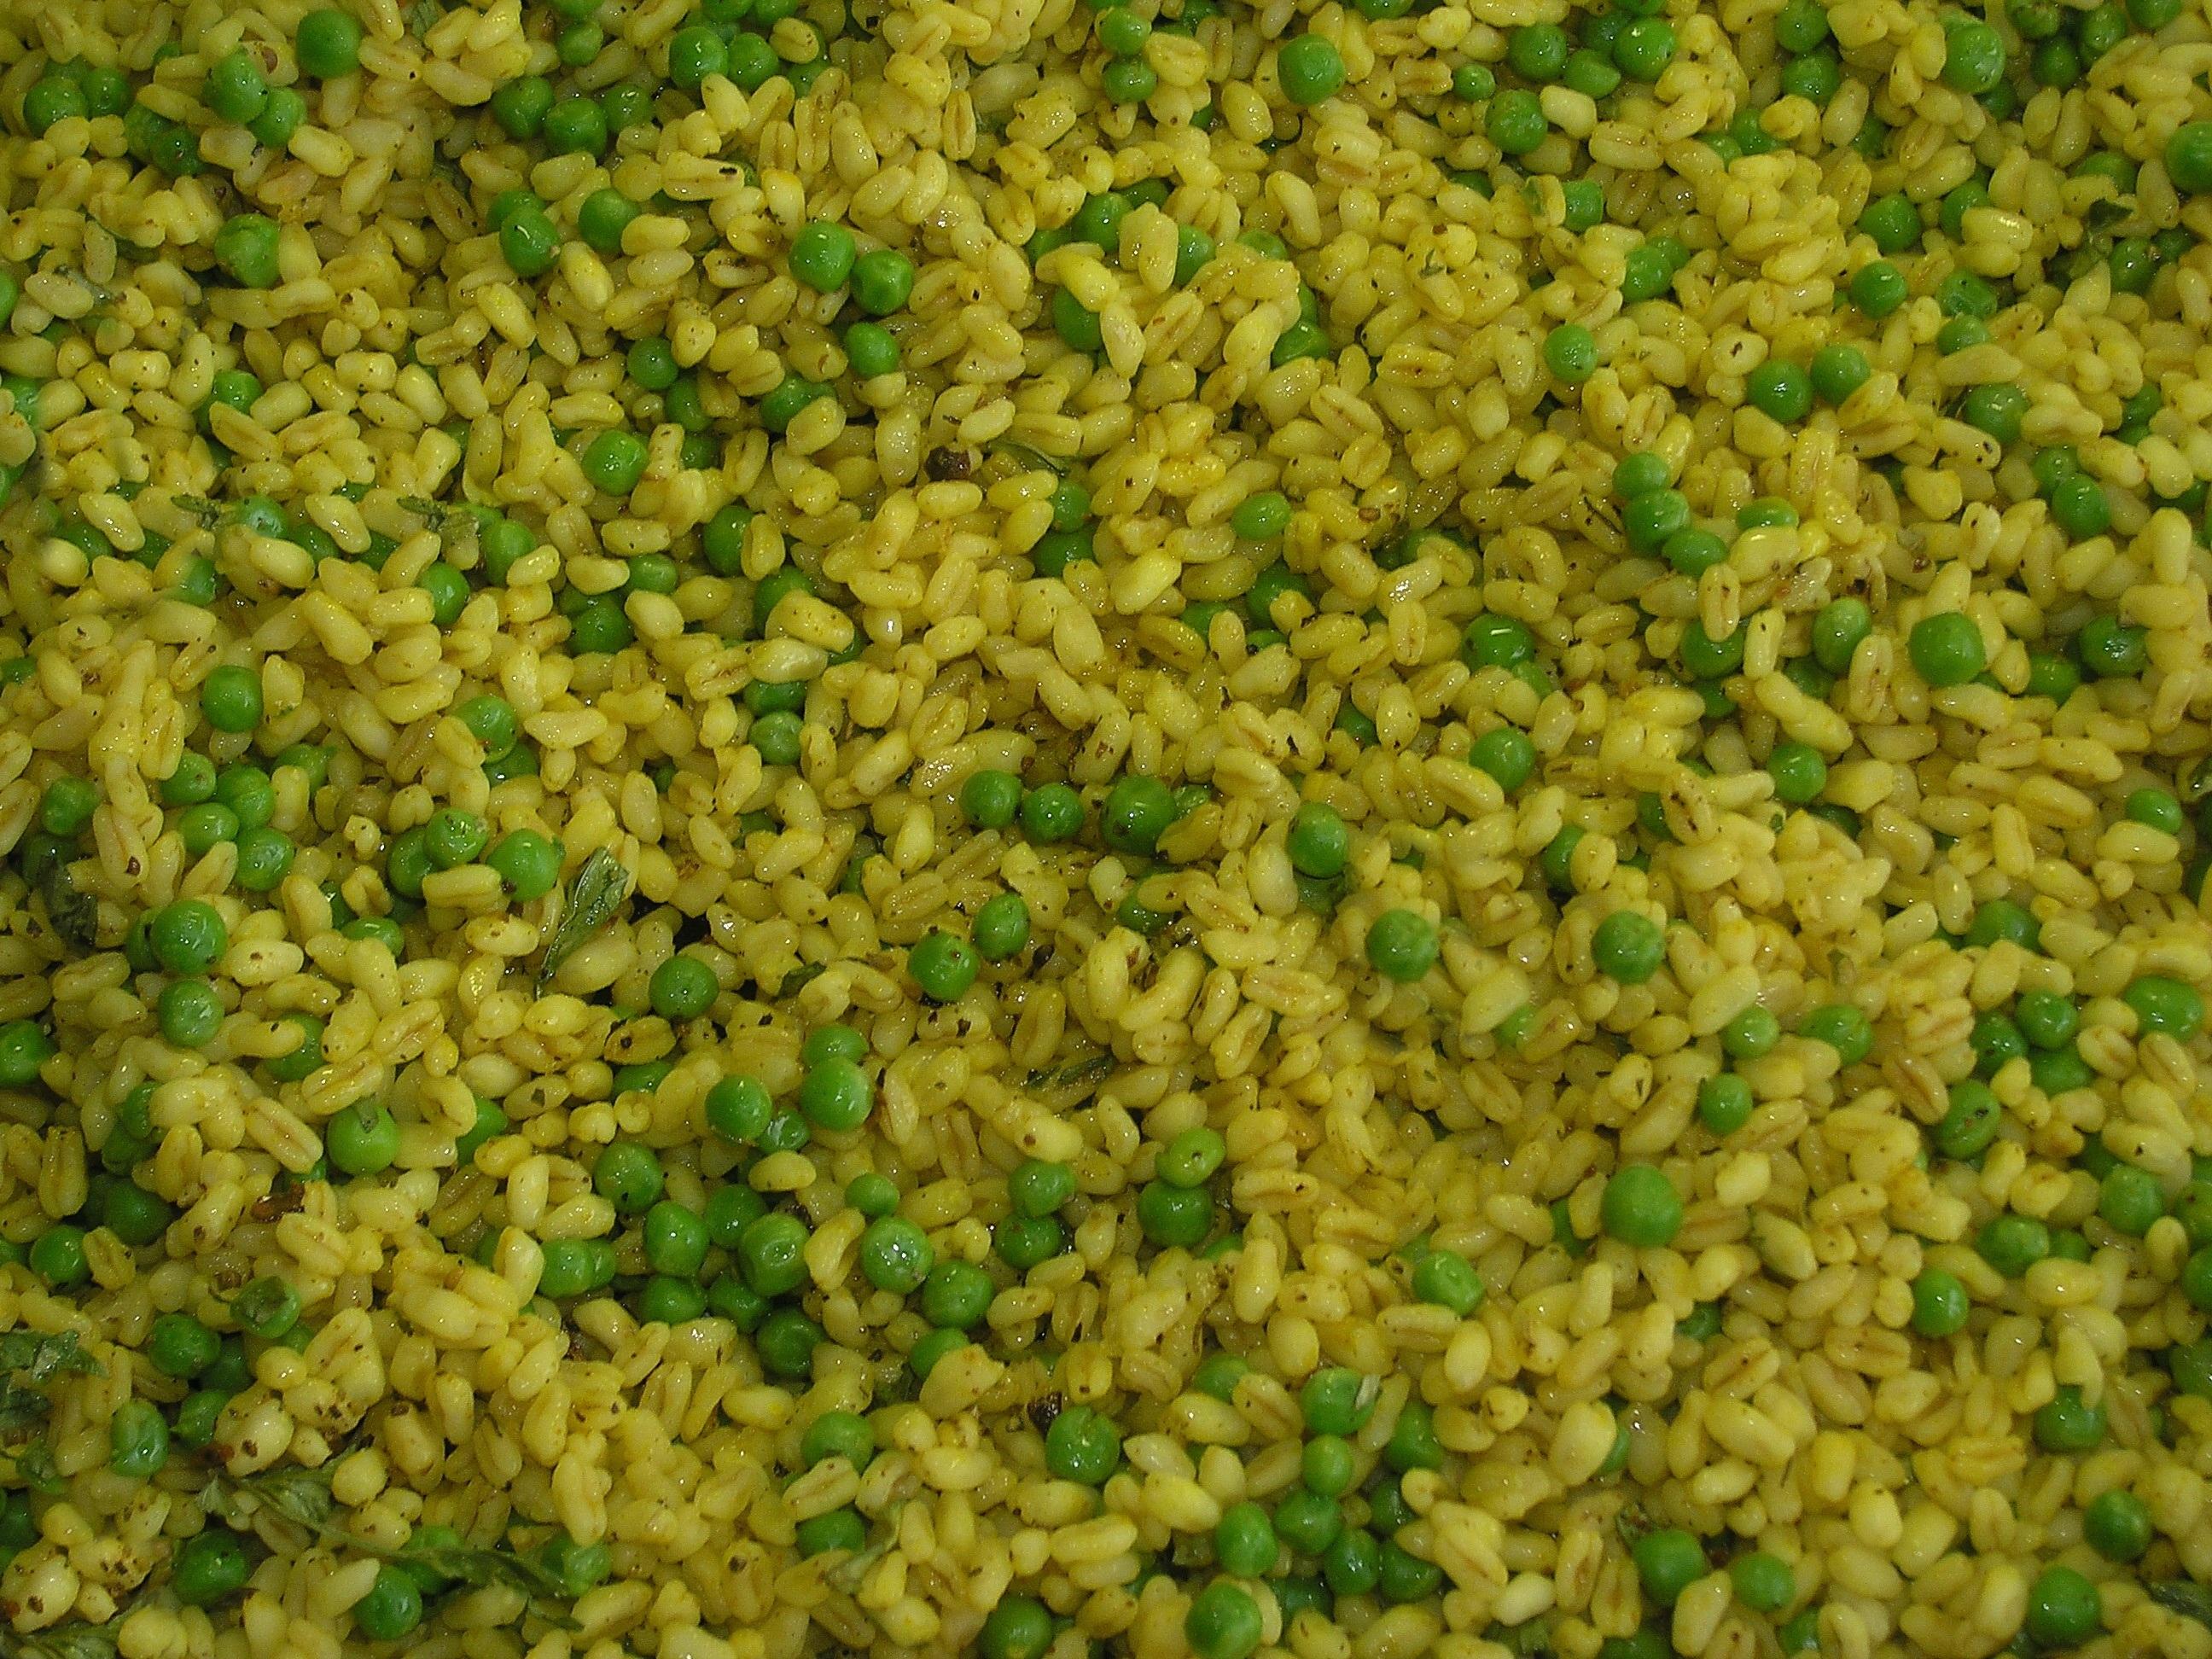 Gambar Menanam Buah Hidangan Makanan Menghasilkan Sayur Mayur Kunyit Kuning Tanaman Pertanian Nasi Matang Makan Nadi